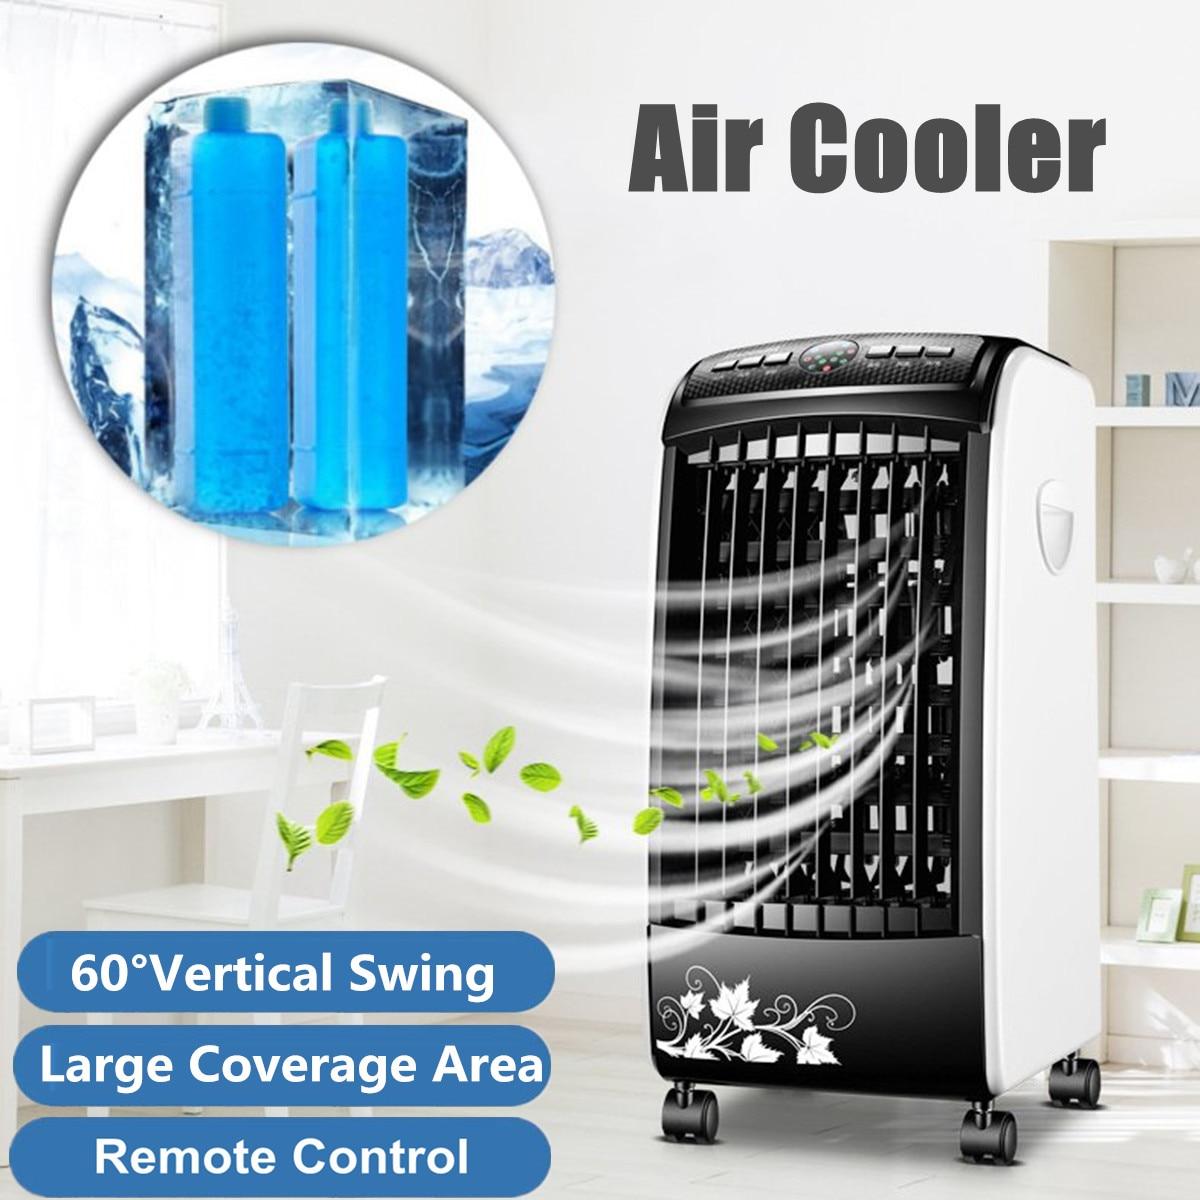 Refroidisseur d'air portatif Ventilateur poignée portable Bureau ventilateur électrique mini climatiseur Dispositif Frais Apaisant Vent Maison Avec RemoteControl